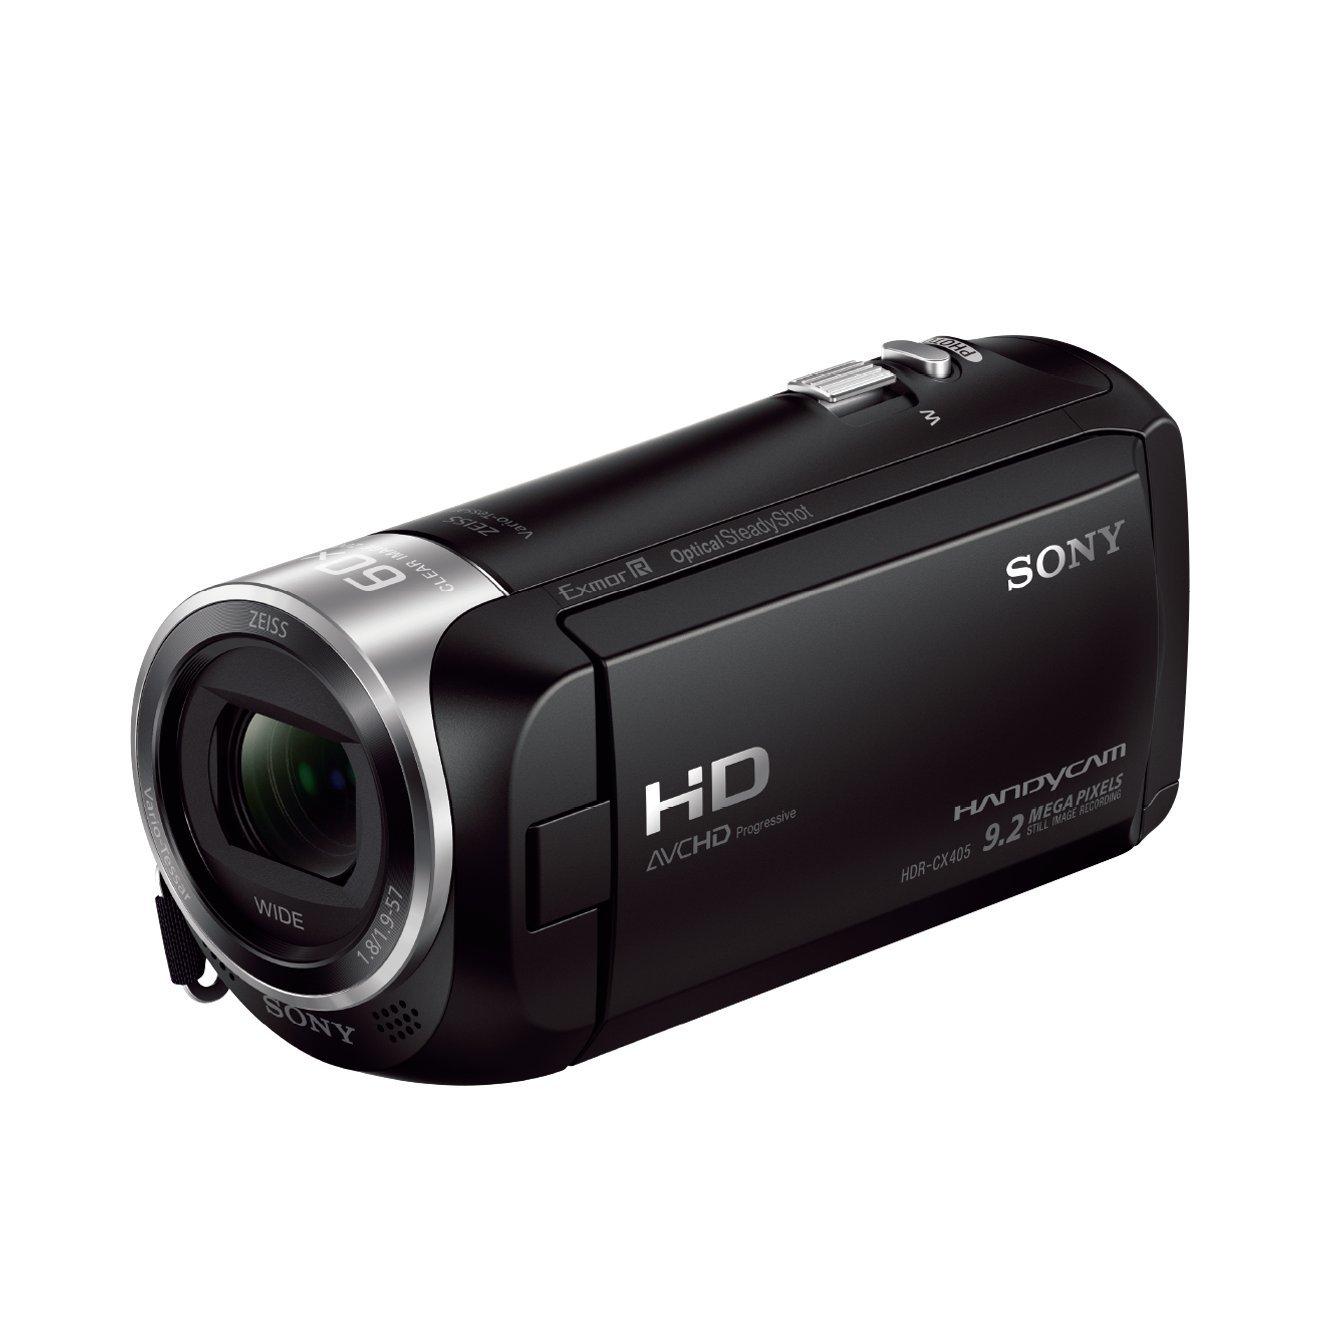 Sony HDR-CX405 Videocamera Handycam, Sensore CMOS Exmor R, 3.1 mm Retroilluminato, Obiettivo ZEISS con Zoom Ottico 30x, Nero